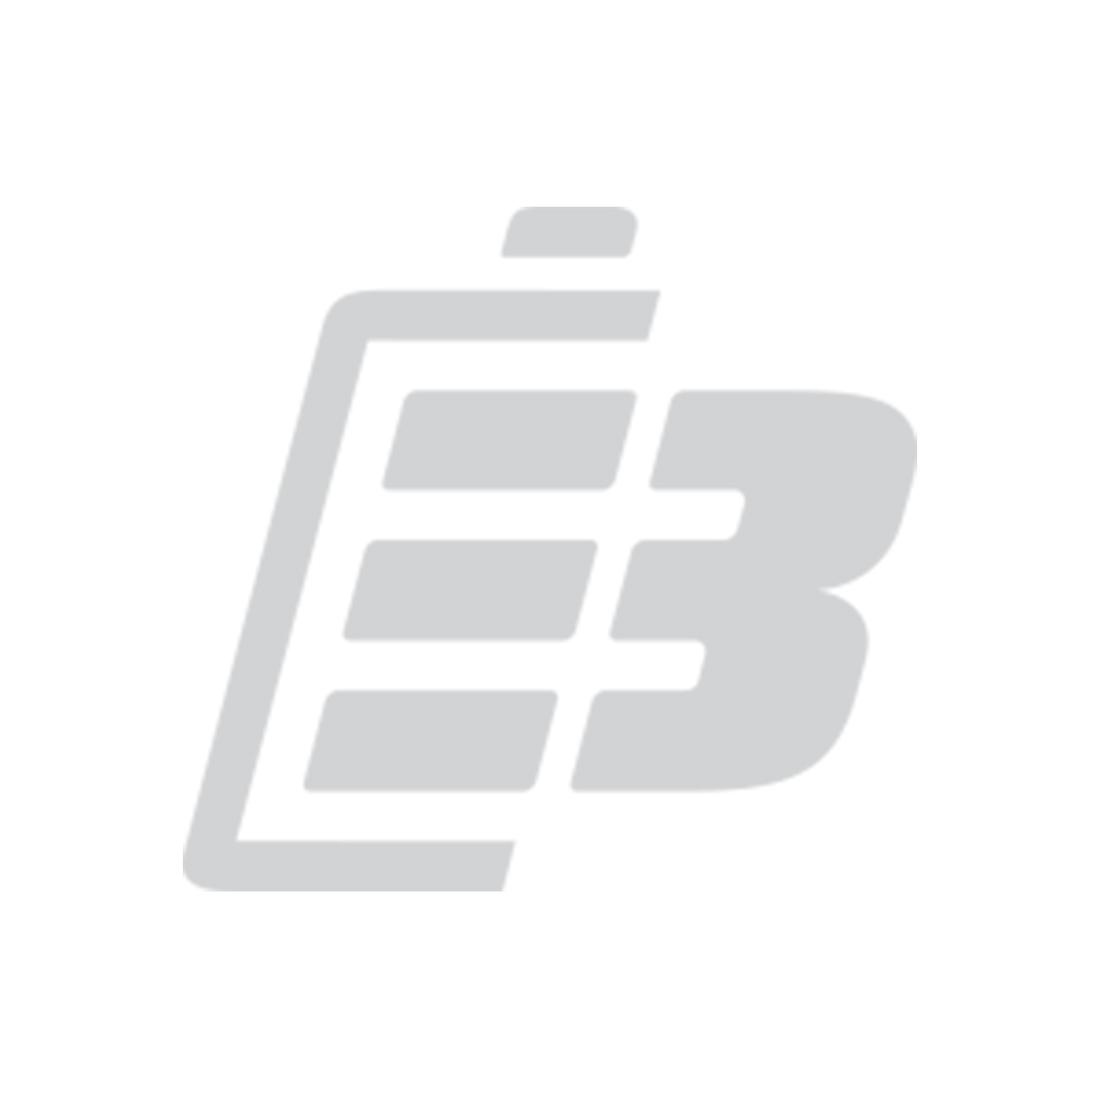 Μπαταρια προφορτισμενη Panasonic Eneloop ΑAA 930mah 1